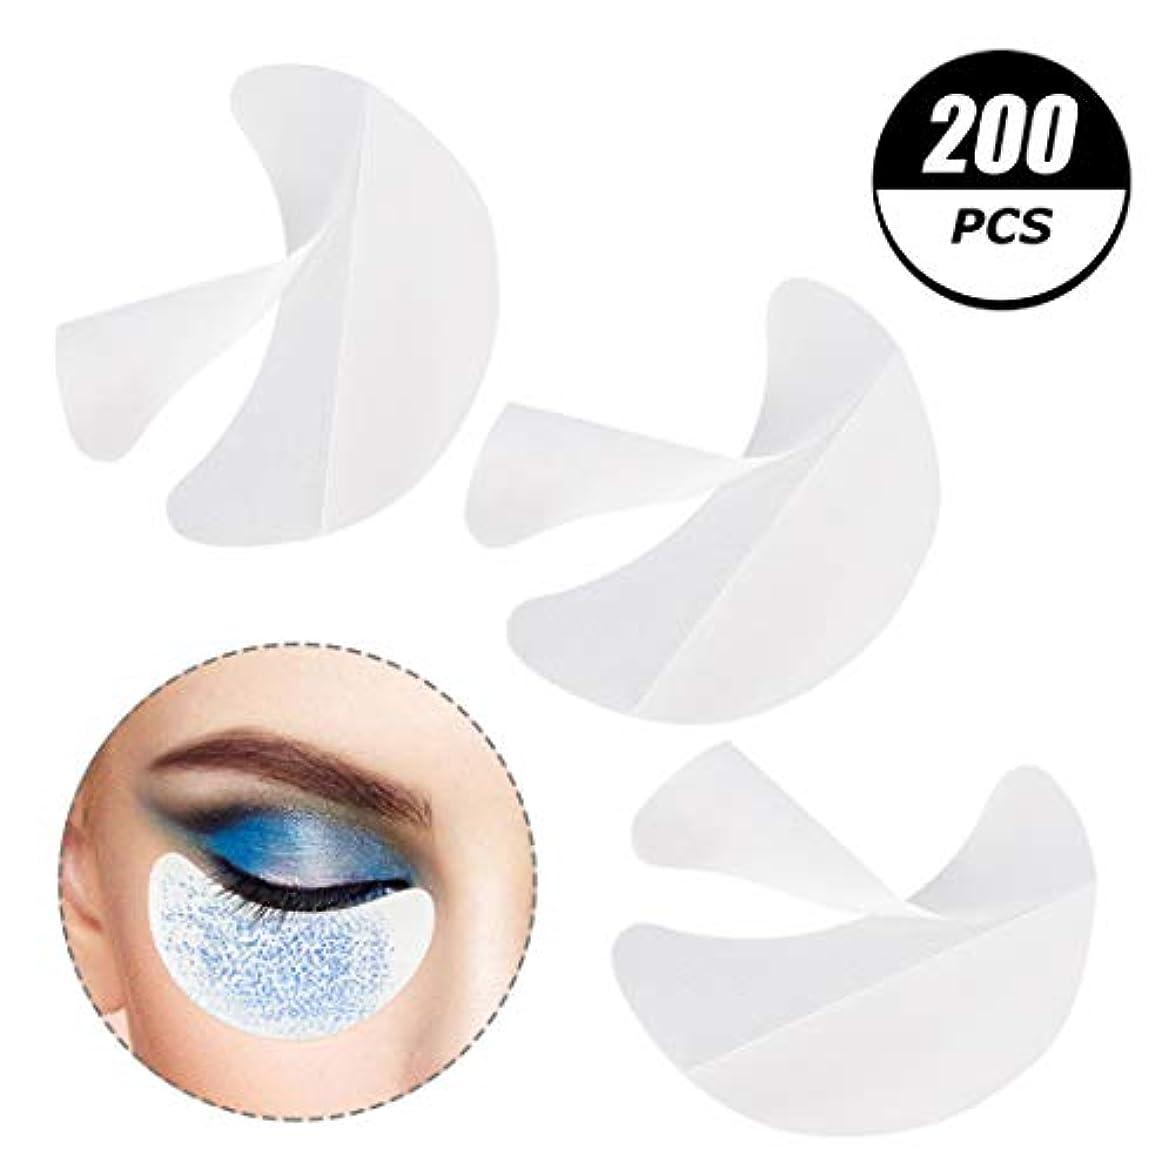 ロンドン拡声器バイオリニストサリーの店 凝った200個のアイシャドーシールドは、まつげ拡大、色合いと唇化粧残余化粧品ツールを防止するためにアイメイクパッドアイシャドーステンシルをシールドします